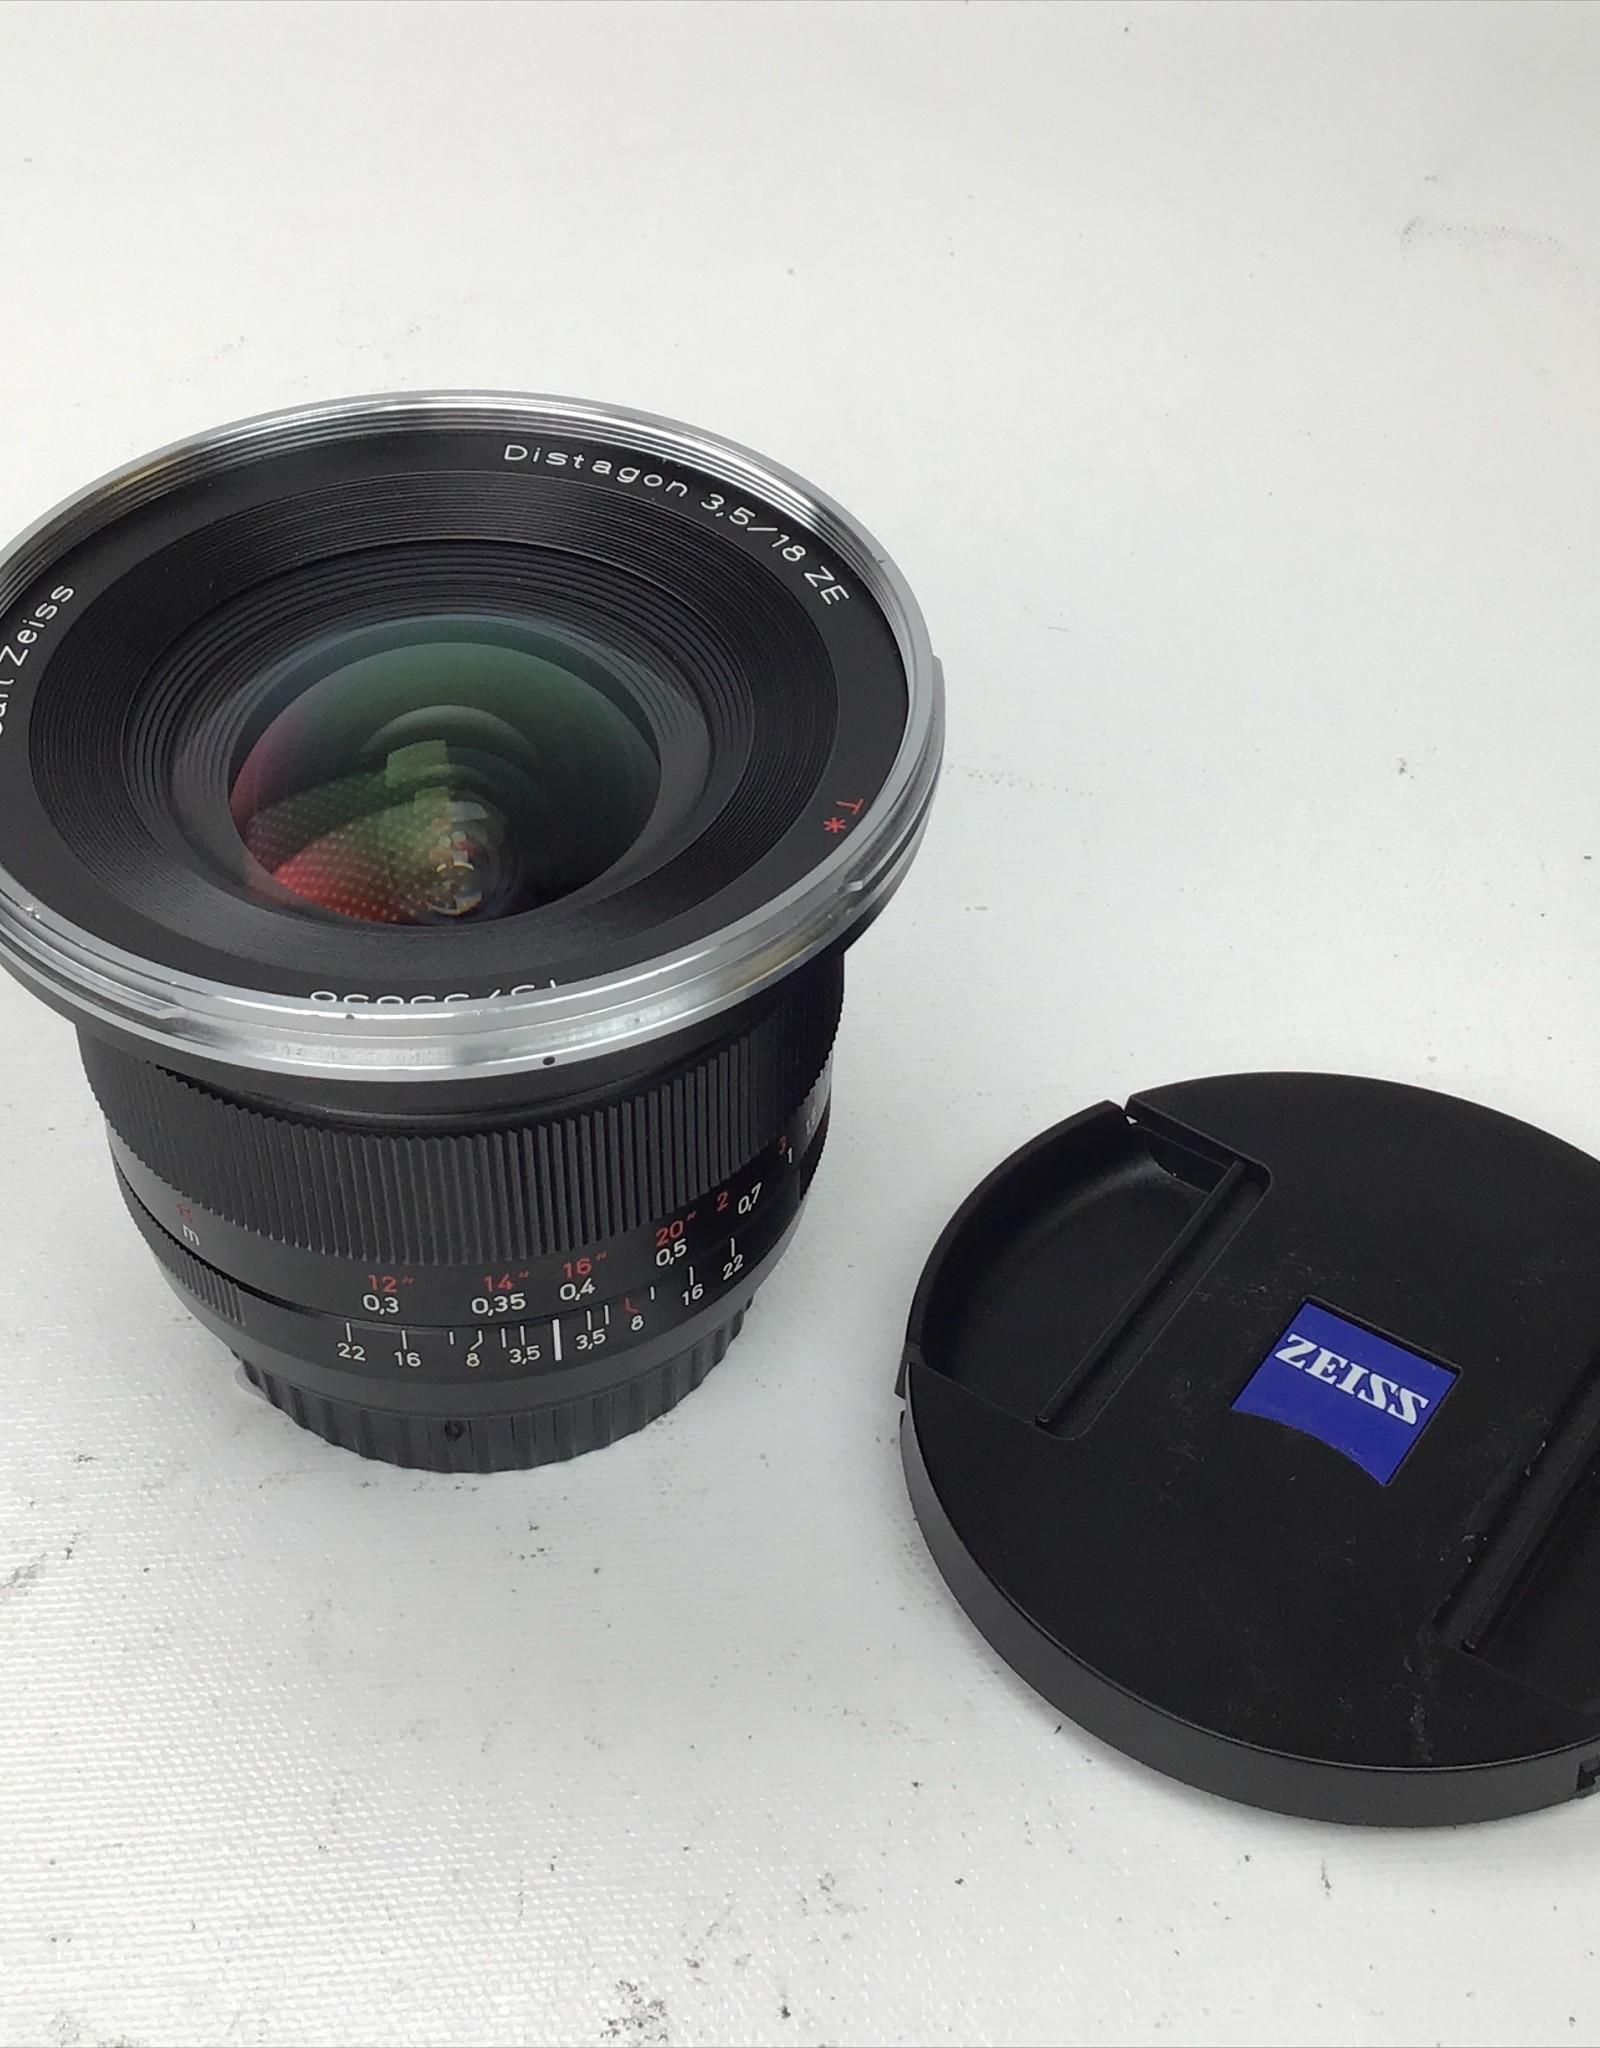 ZEISS Zeiss Distagon 18mm f3.5 ZE Lens Used Good